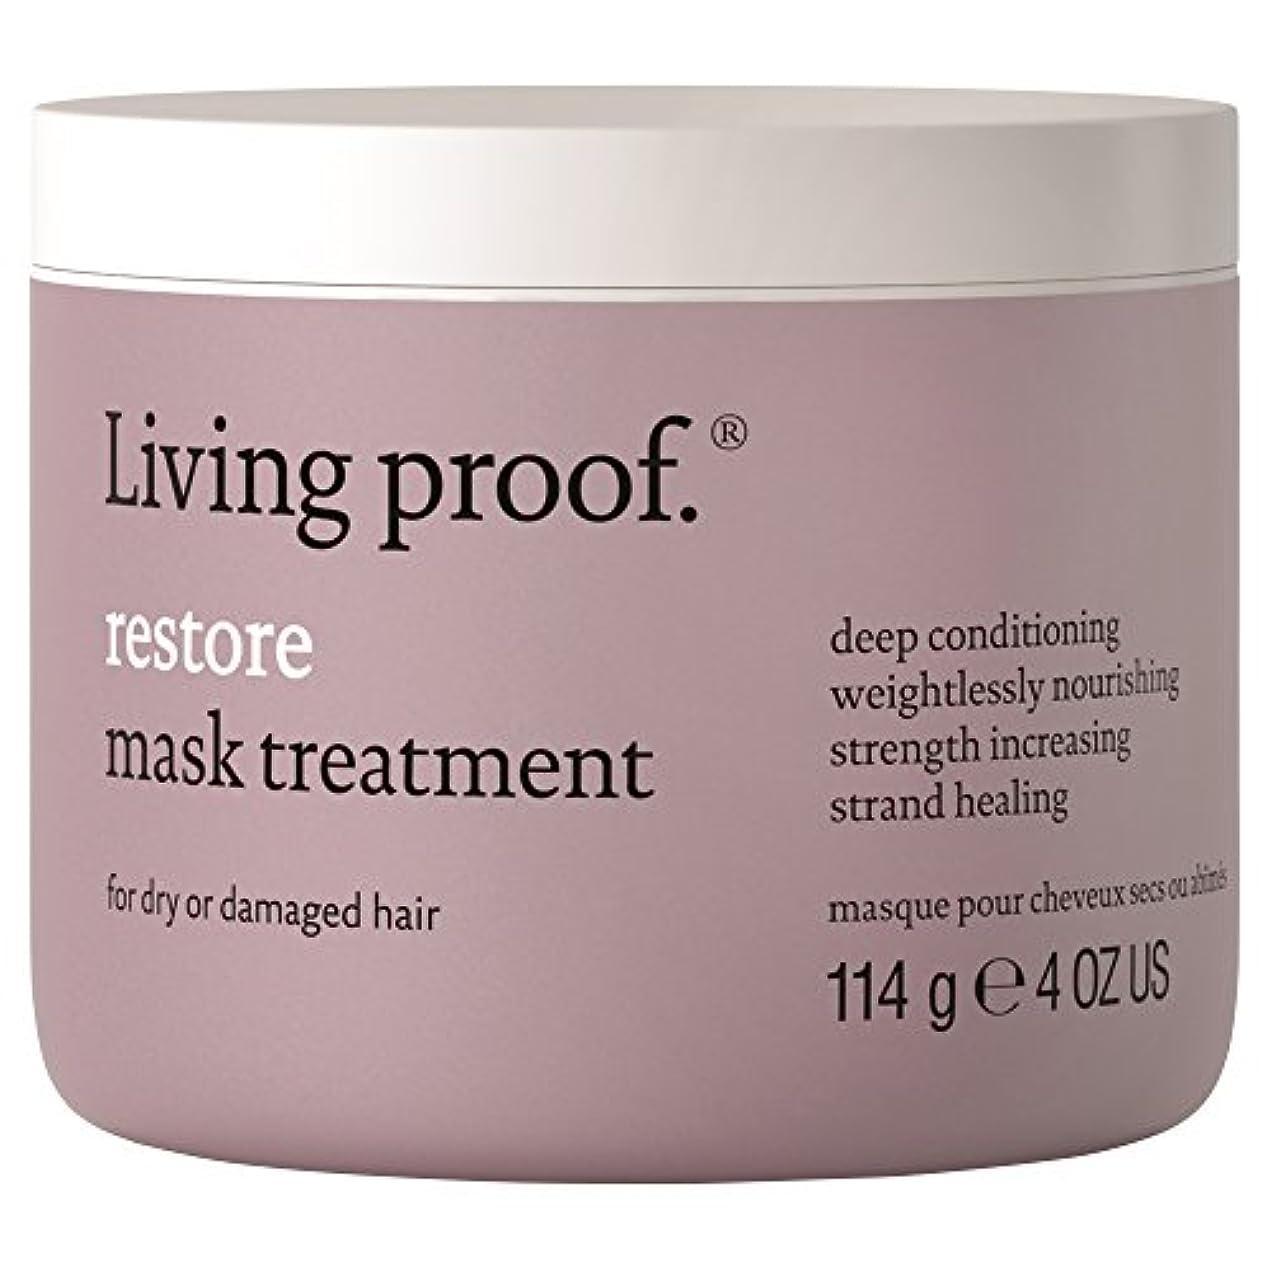 王女理想的にはスポーツの試合を担当している人生きている証拠は、マスク処理114グラムを復元します (Living Proof) (x6) - Living Proof Restore Mask Treatment 114g (Pack of 6) [並行輸入品]